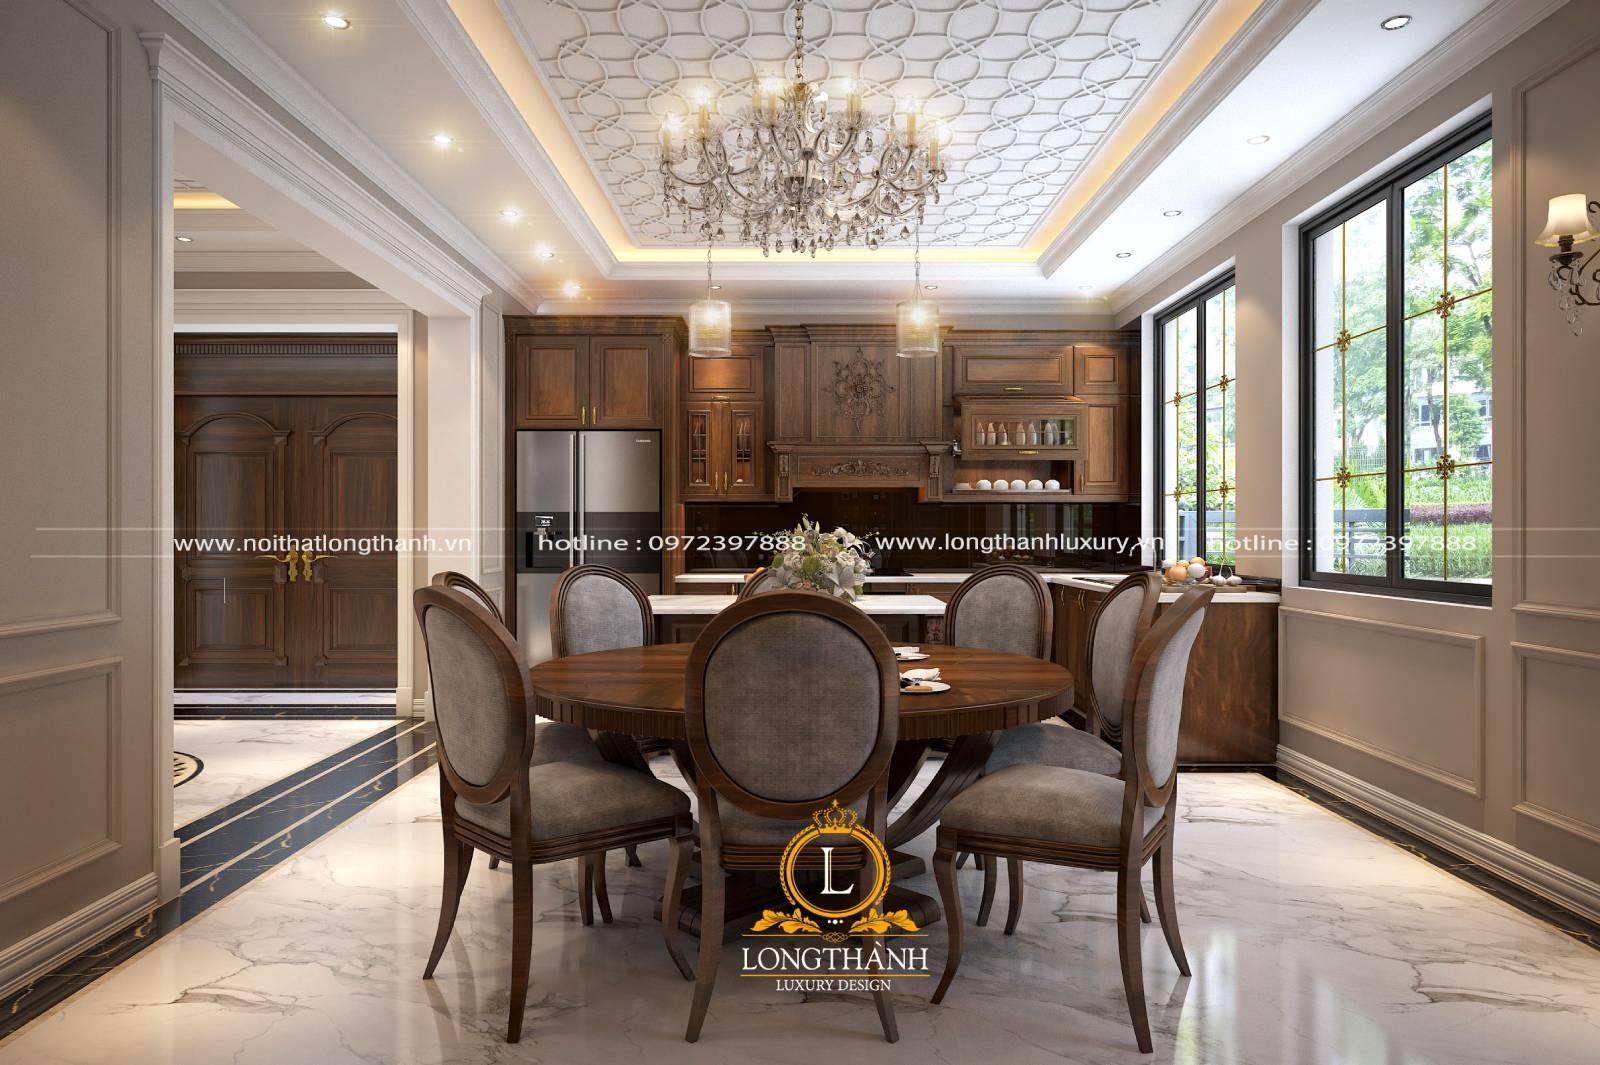 Thiết kế tủ bếp phong cách tân cổ điển gỗ Gõ thiết kế nhẹ nhàng tinh tế